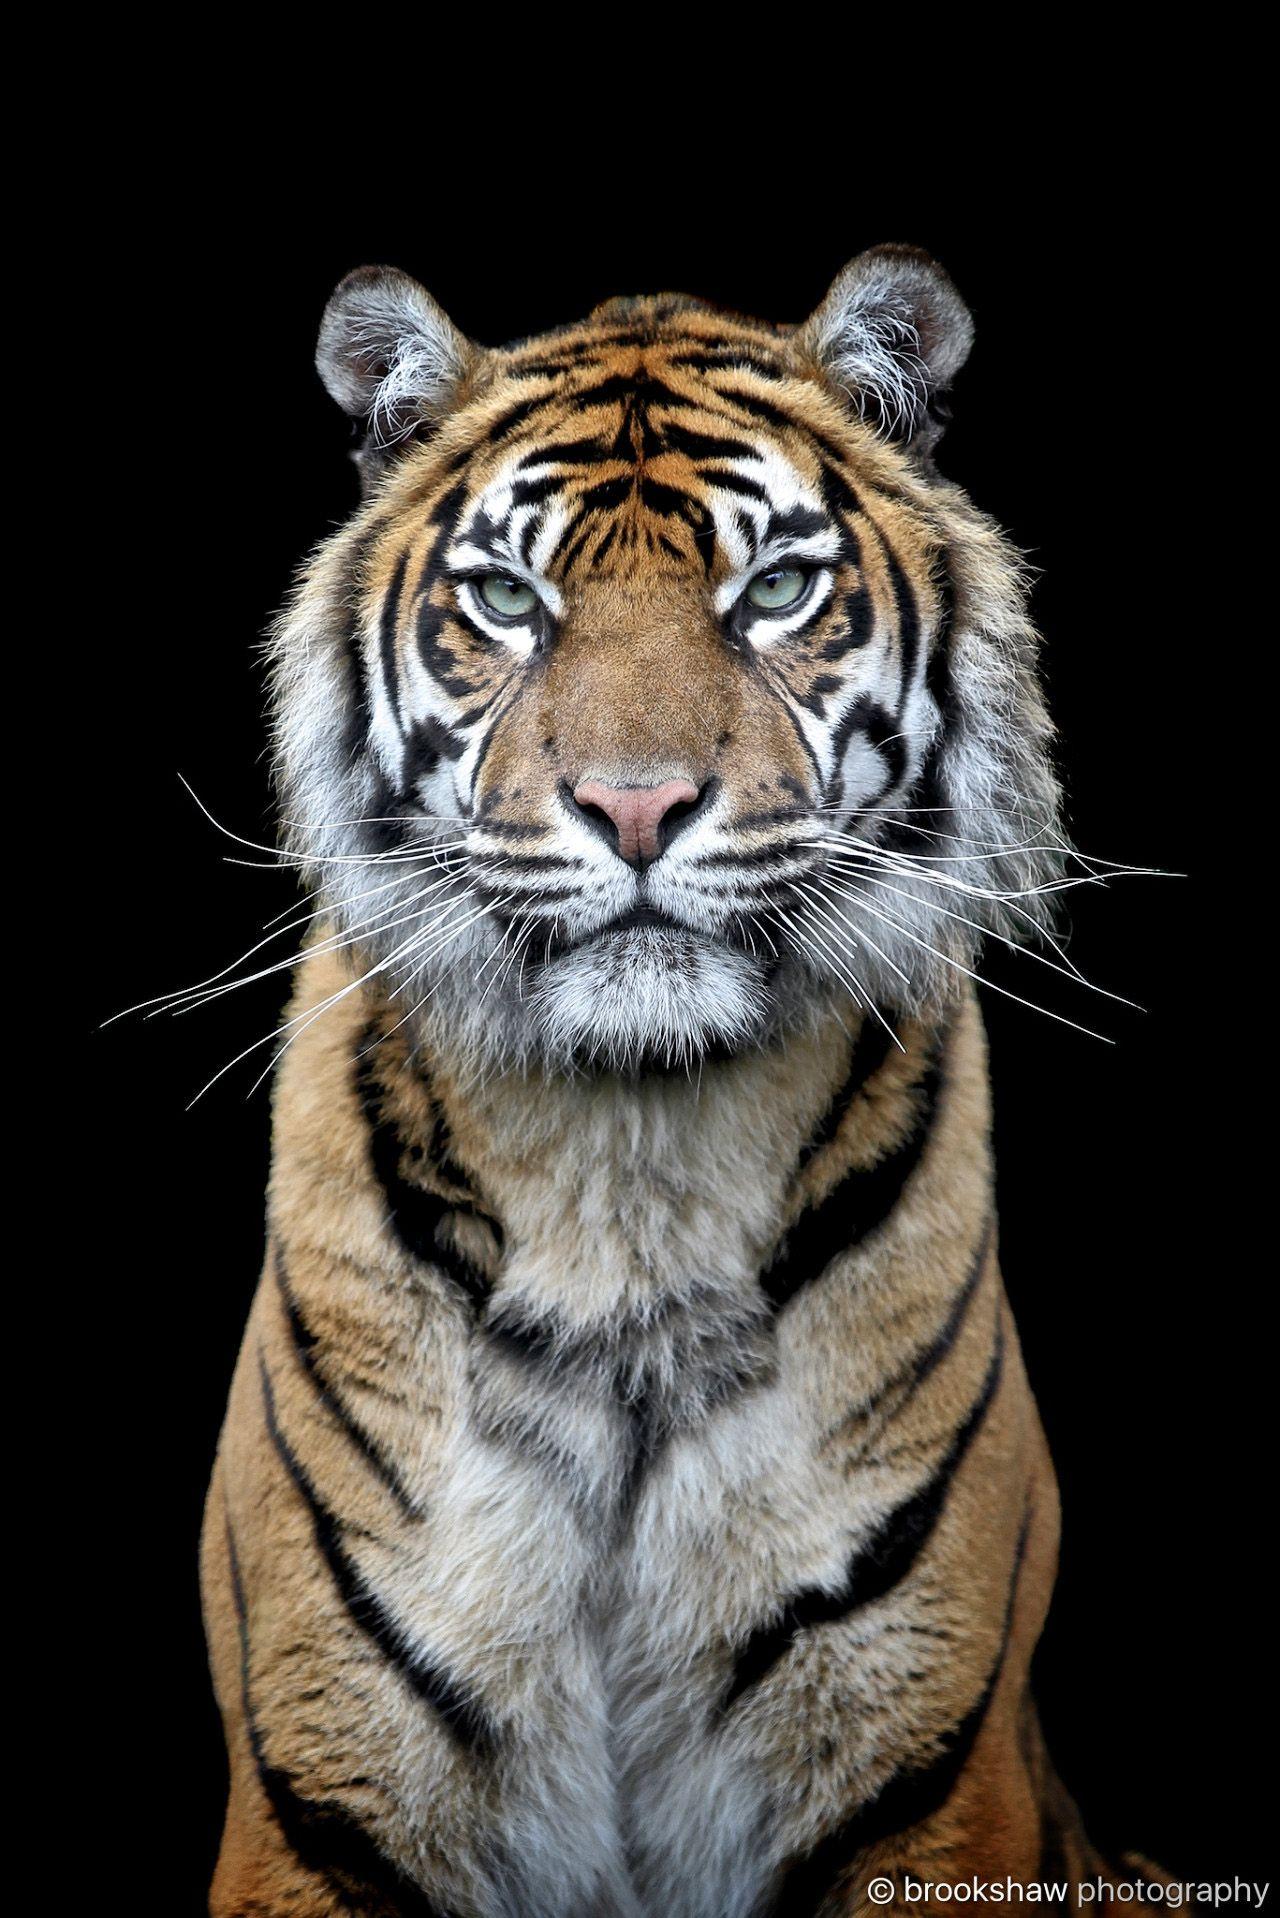 Significado da Tatuagem de Tigre For§a poder beleza orgulho